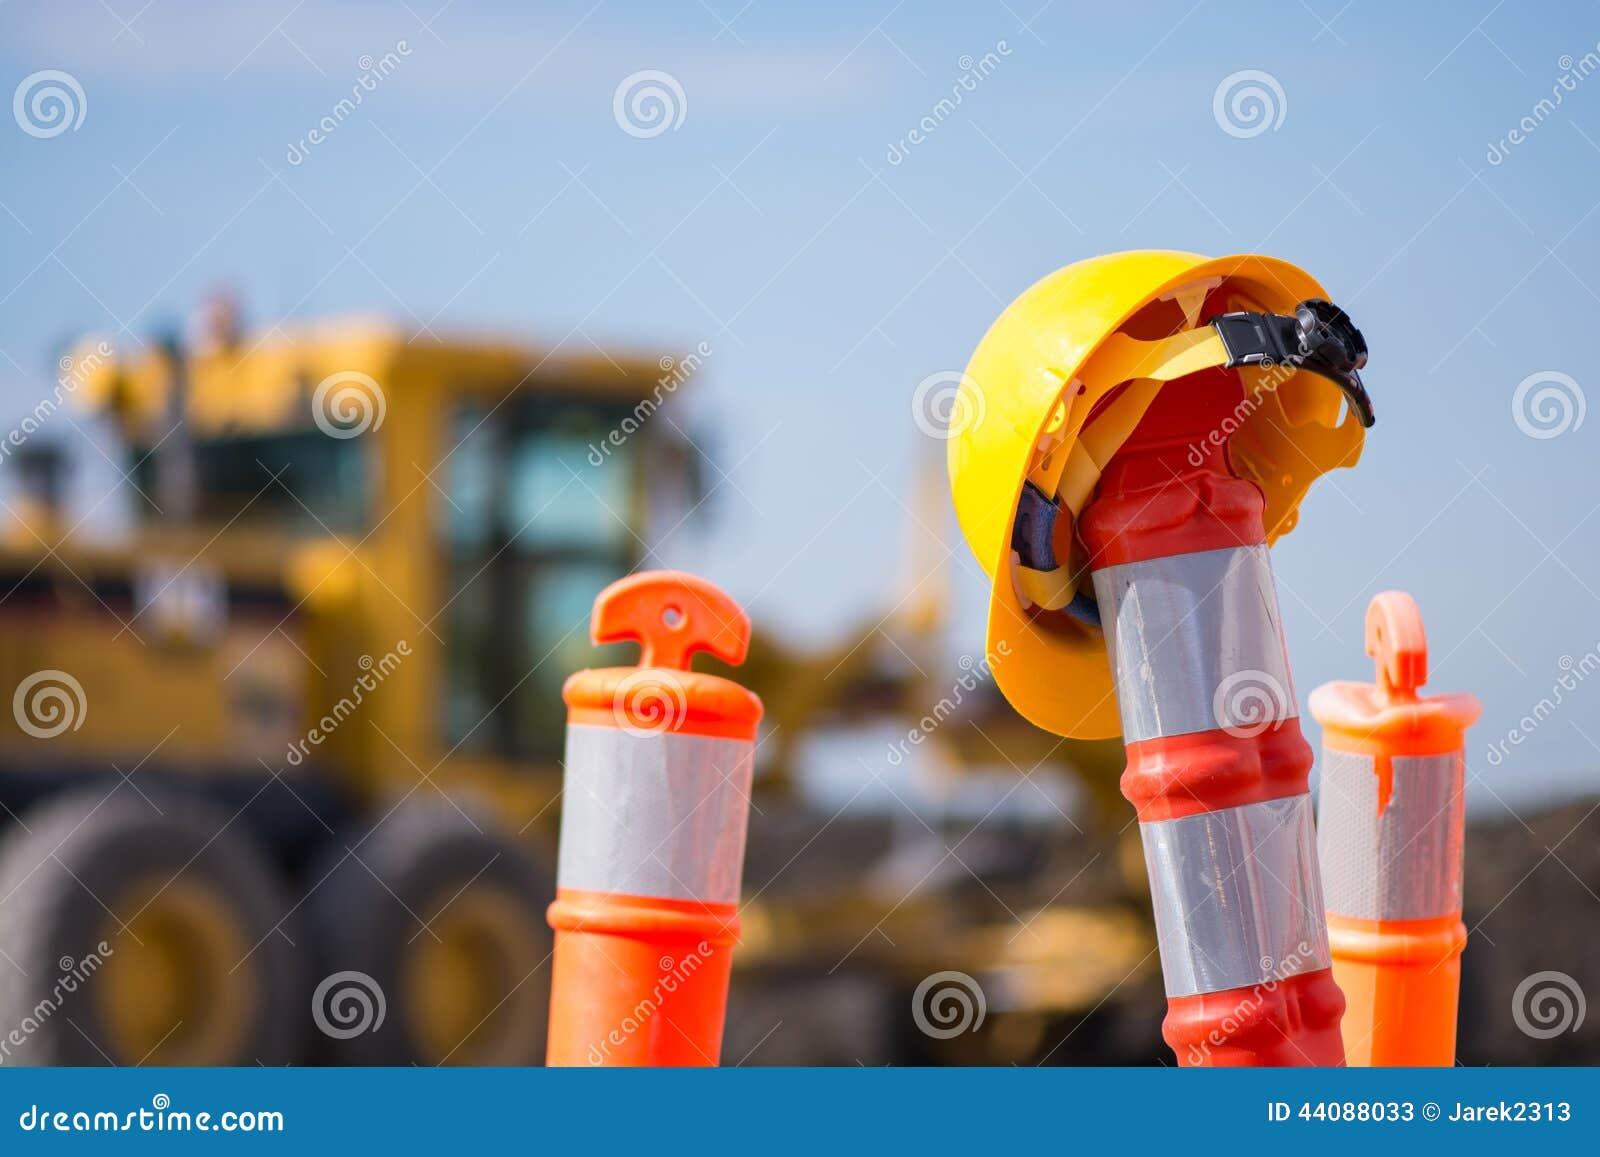 Casque antichoc sur le pylône de construction de route de route